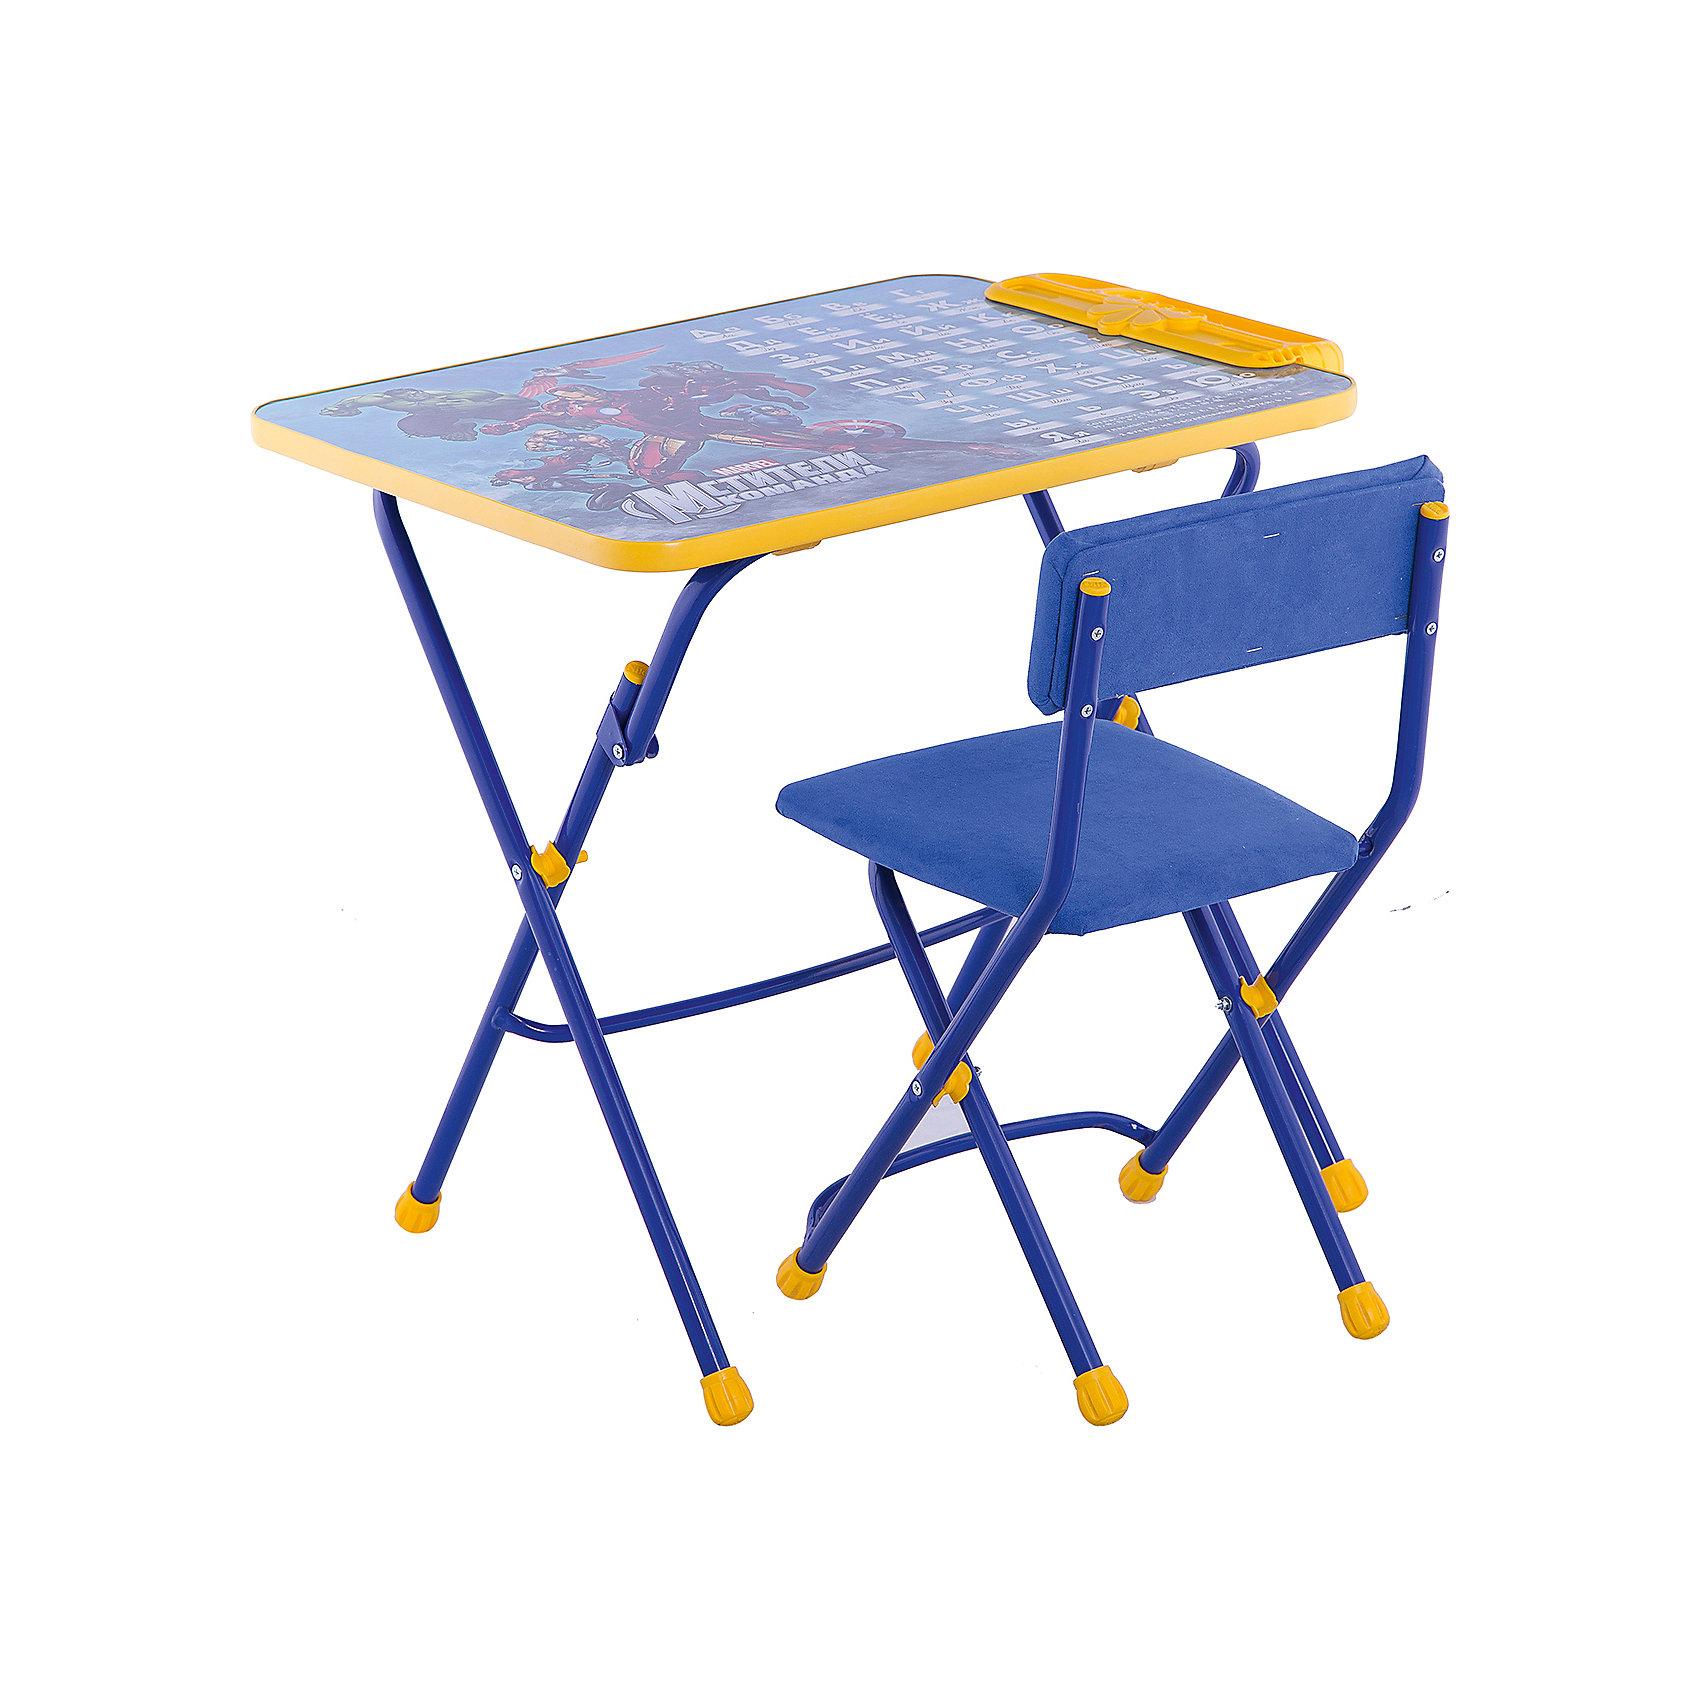 Набор мебели Д3А, Мстители, НикаСтолы и стулья<br>Характеристики товара:<br><br>• материал: металл, пластик, текстиль<br>• размер столешницы: 60х45 см<br>• высота стола: 58 см<br>• сиденье: 31х27 см<br>• высота до сиденья: 32 см<br>• высота со спинкой 57 см<br>• подставка для ног<br>• стул с мягким сиденьем (флок)<br>• пенал<br>• складной<br>• на столешнице - полезные рисунки<br>• на ламинированной поверхности стола можно рисовать маркером на водной основе<br>• на ножках пластмассовые наконечники<br>• складной<br>• возраст: от 3 до 7 лет<br>• страна бренда: Российская Федерация<br>• страна производства: Российская Федерация<br><br>Детская мебель может быть удобной и эргономичной! Этот комплект разработан специально для детей от трех до семи лет. Он легко складывается и раскладывается, занимает немного места, легко моется. Каркас сделан из прочного, но легкого металла, а на ножках установлены пластмассовые наконечники для защиты напольного покрытия. Столешница украшена полезными познавательными рисунками. Отличное решение как для кормления малыша, так и для игр, творчества и обучения!<br>Правильно подобранная мебель помогает ребенку расти здоровым, формироваться правильной осанке. Изделие производится из качественных сертифицированных материалов, безопасных даже для самых маленьких.<br><br>Набор мебели 3 Мстители от бренда Ника можно купить в нашем интернет-магазине.<br><br>Ширина мм: 750<br>Глубина мм: 155<br>Высота мм: 610<br>Вес г: 8080<br>Возраст от месяцев: 36<br>Возраст до месяцев: 84<br>Пол: Унисекс<br>Возраст: Детский<br>SKU: 5223615